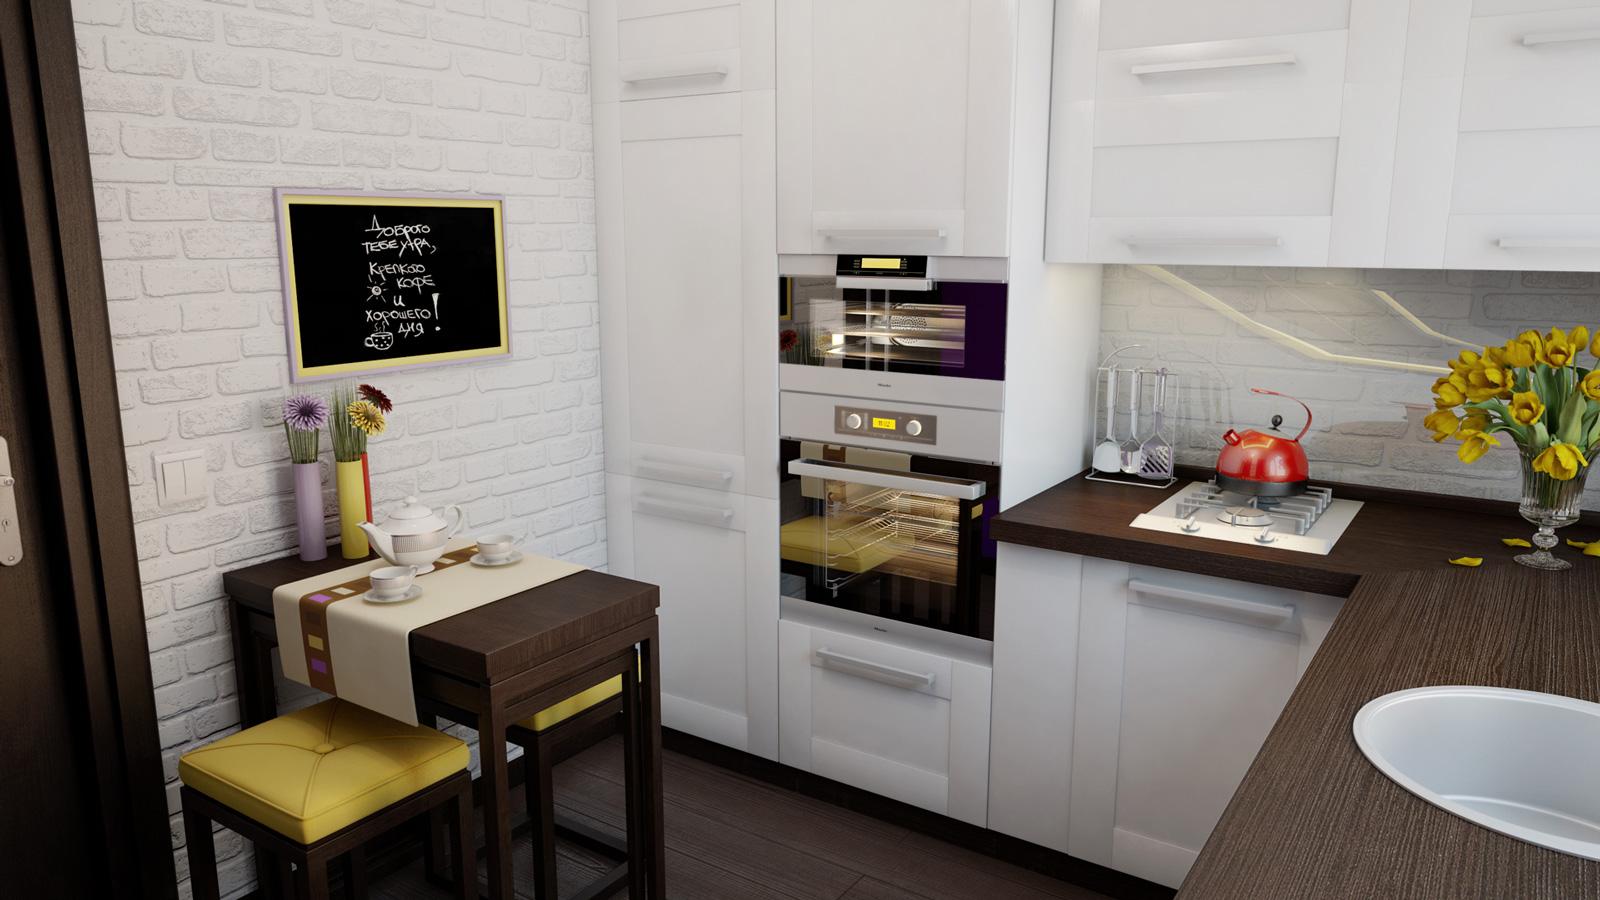 Маленькая кухня: как визуально увеличить пространство - фото №1